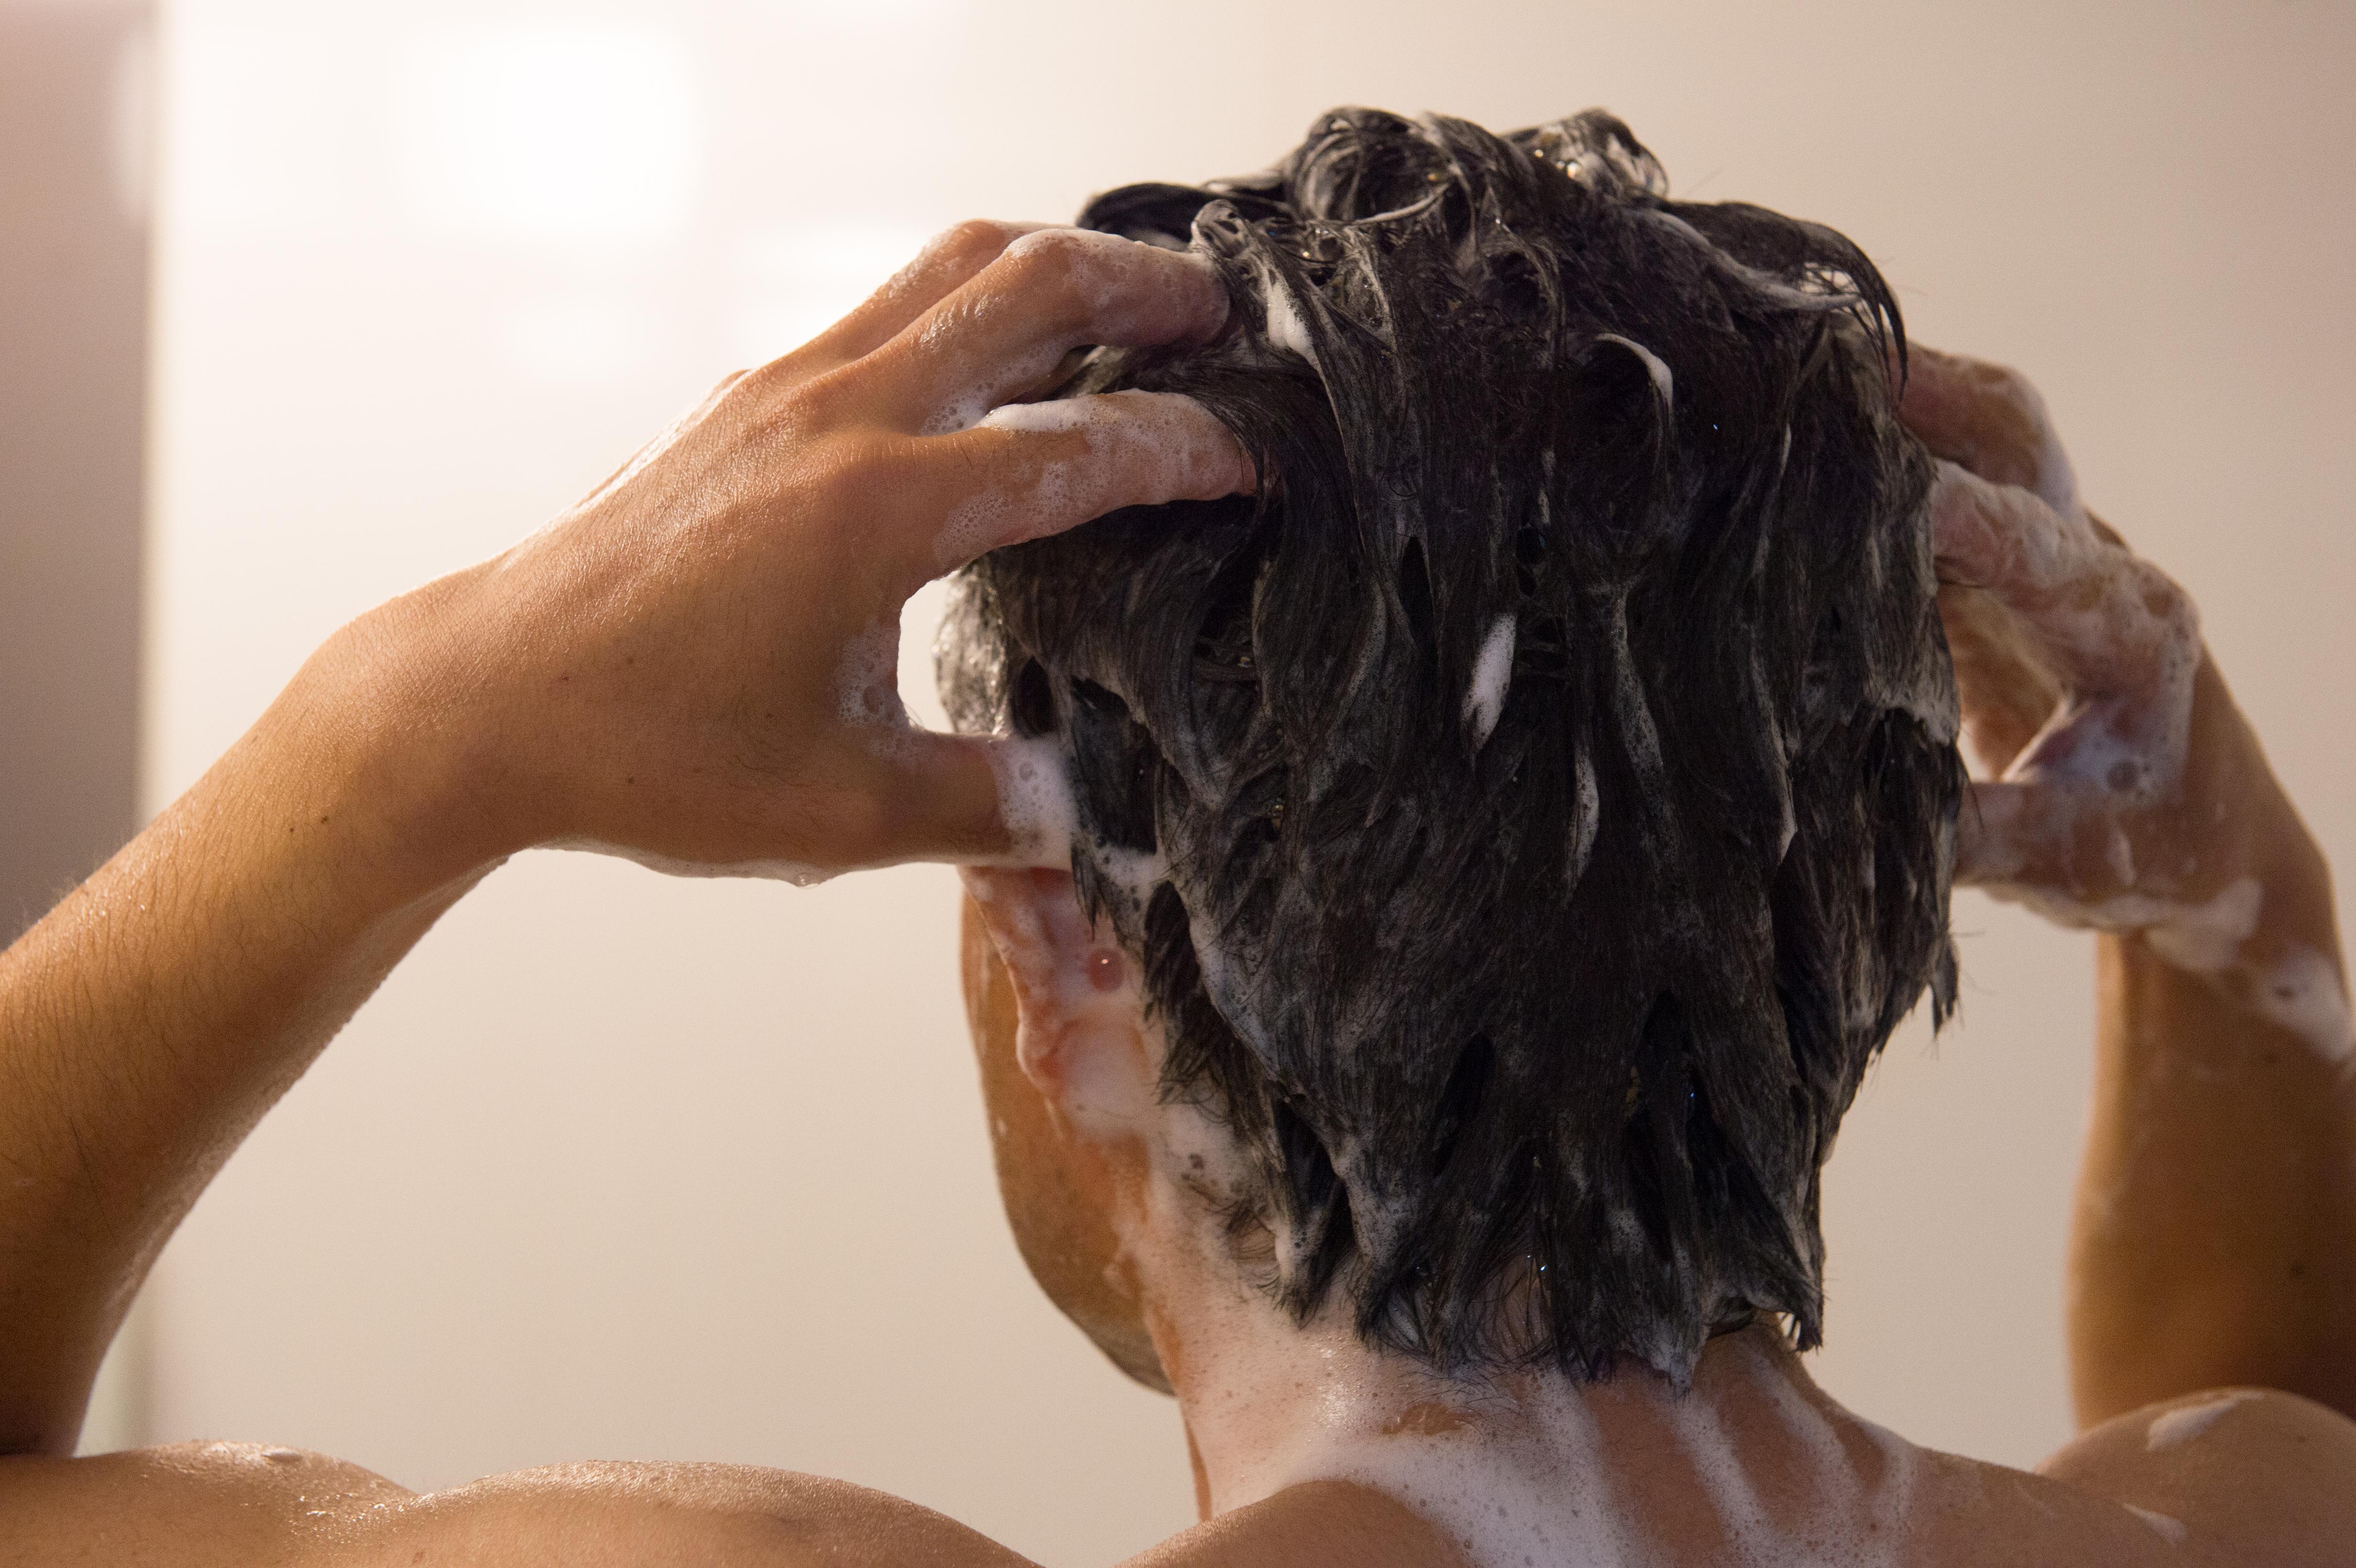 ハゲないための髪の毛の洗い方